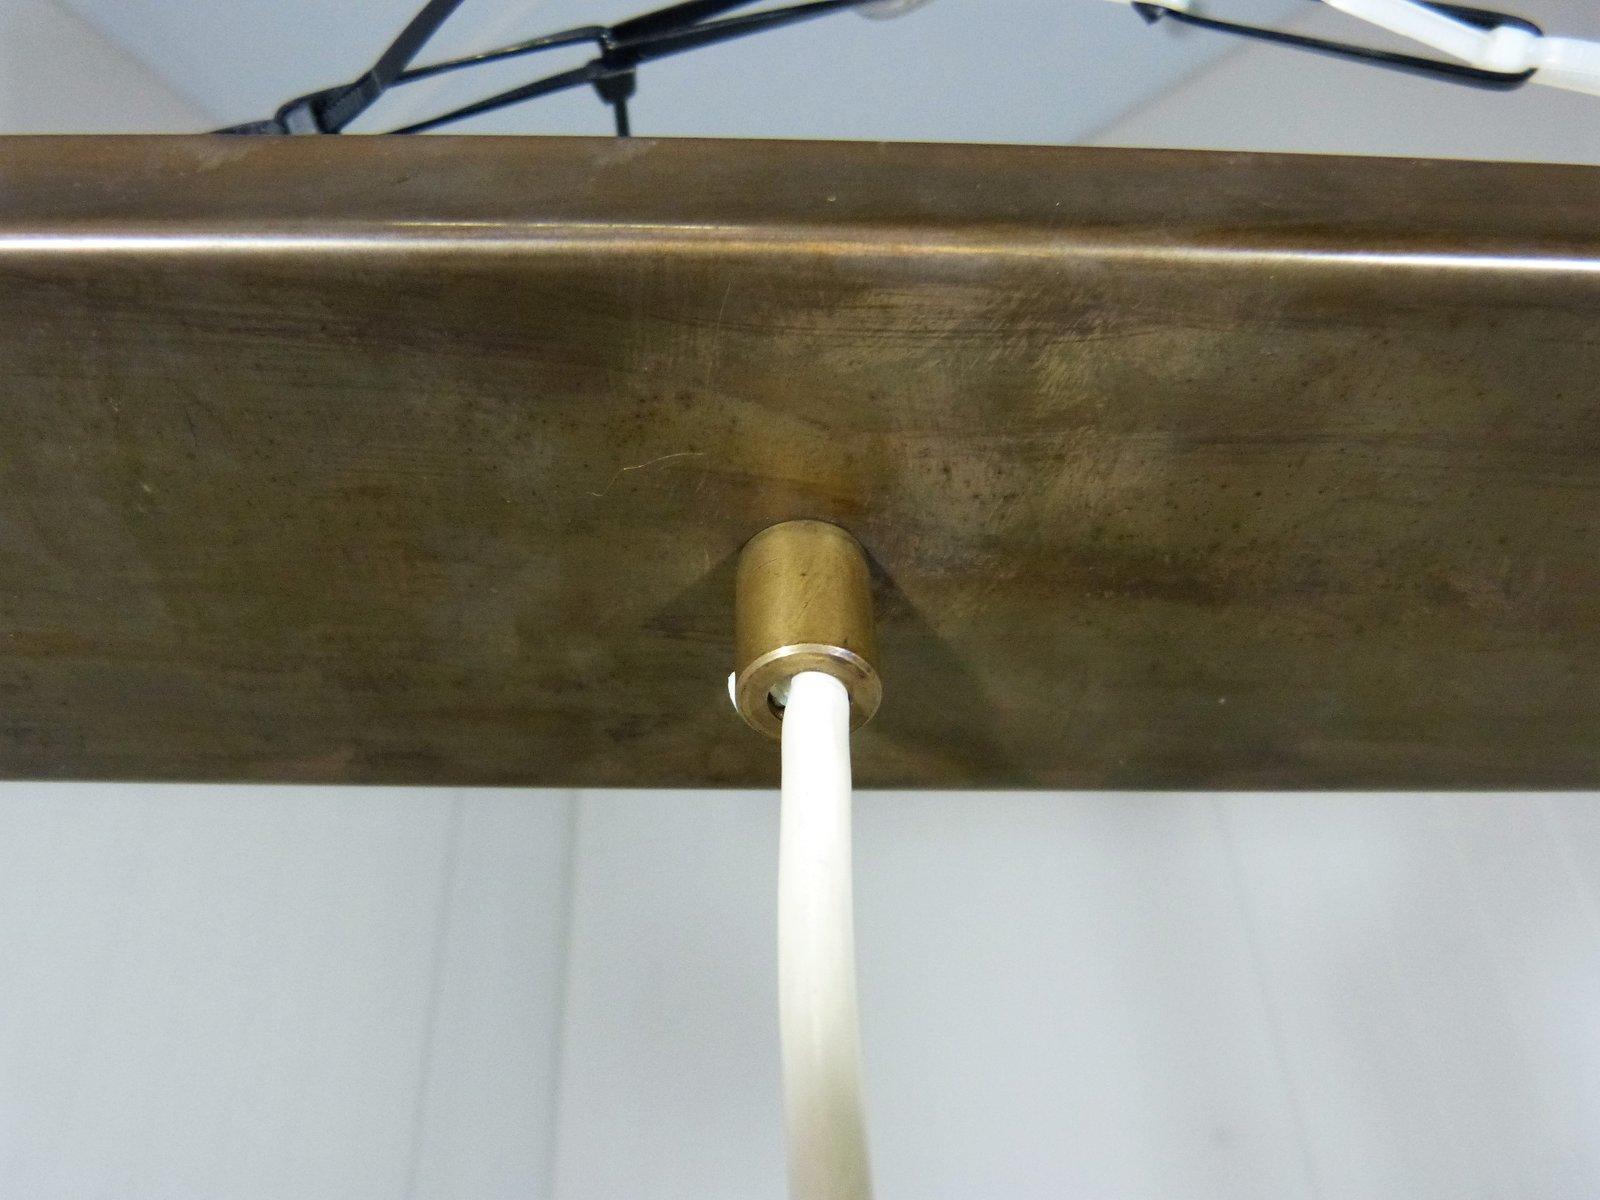 lampe suspension trois lampes 1980s en vente sur pamono. Black Bedroom Furniture Sets. Home Design Ideas